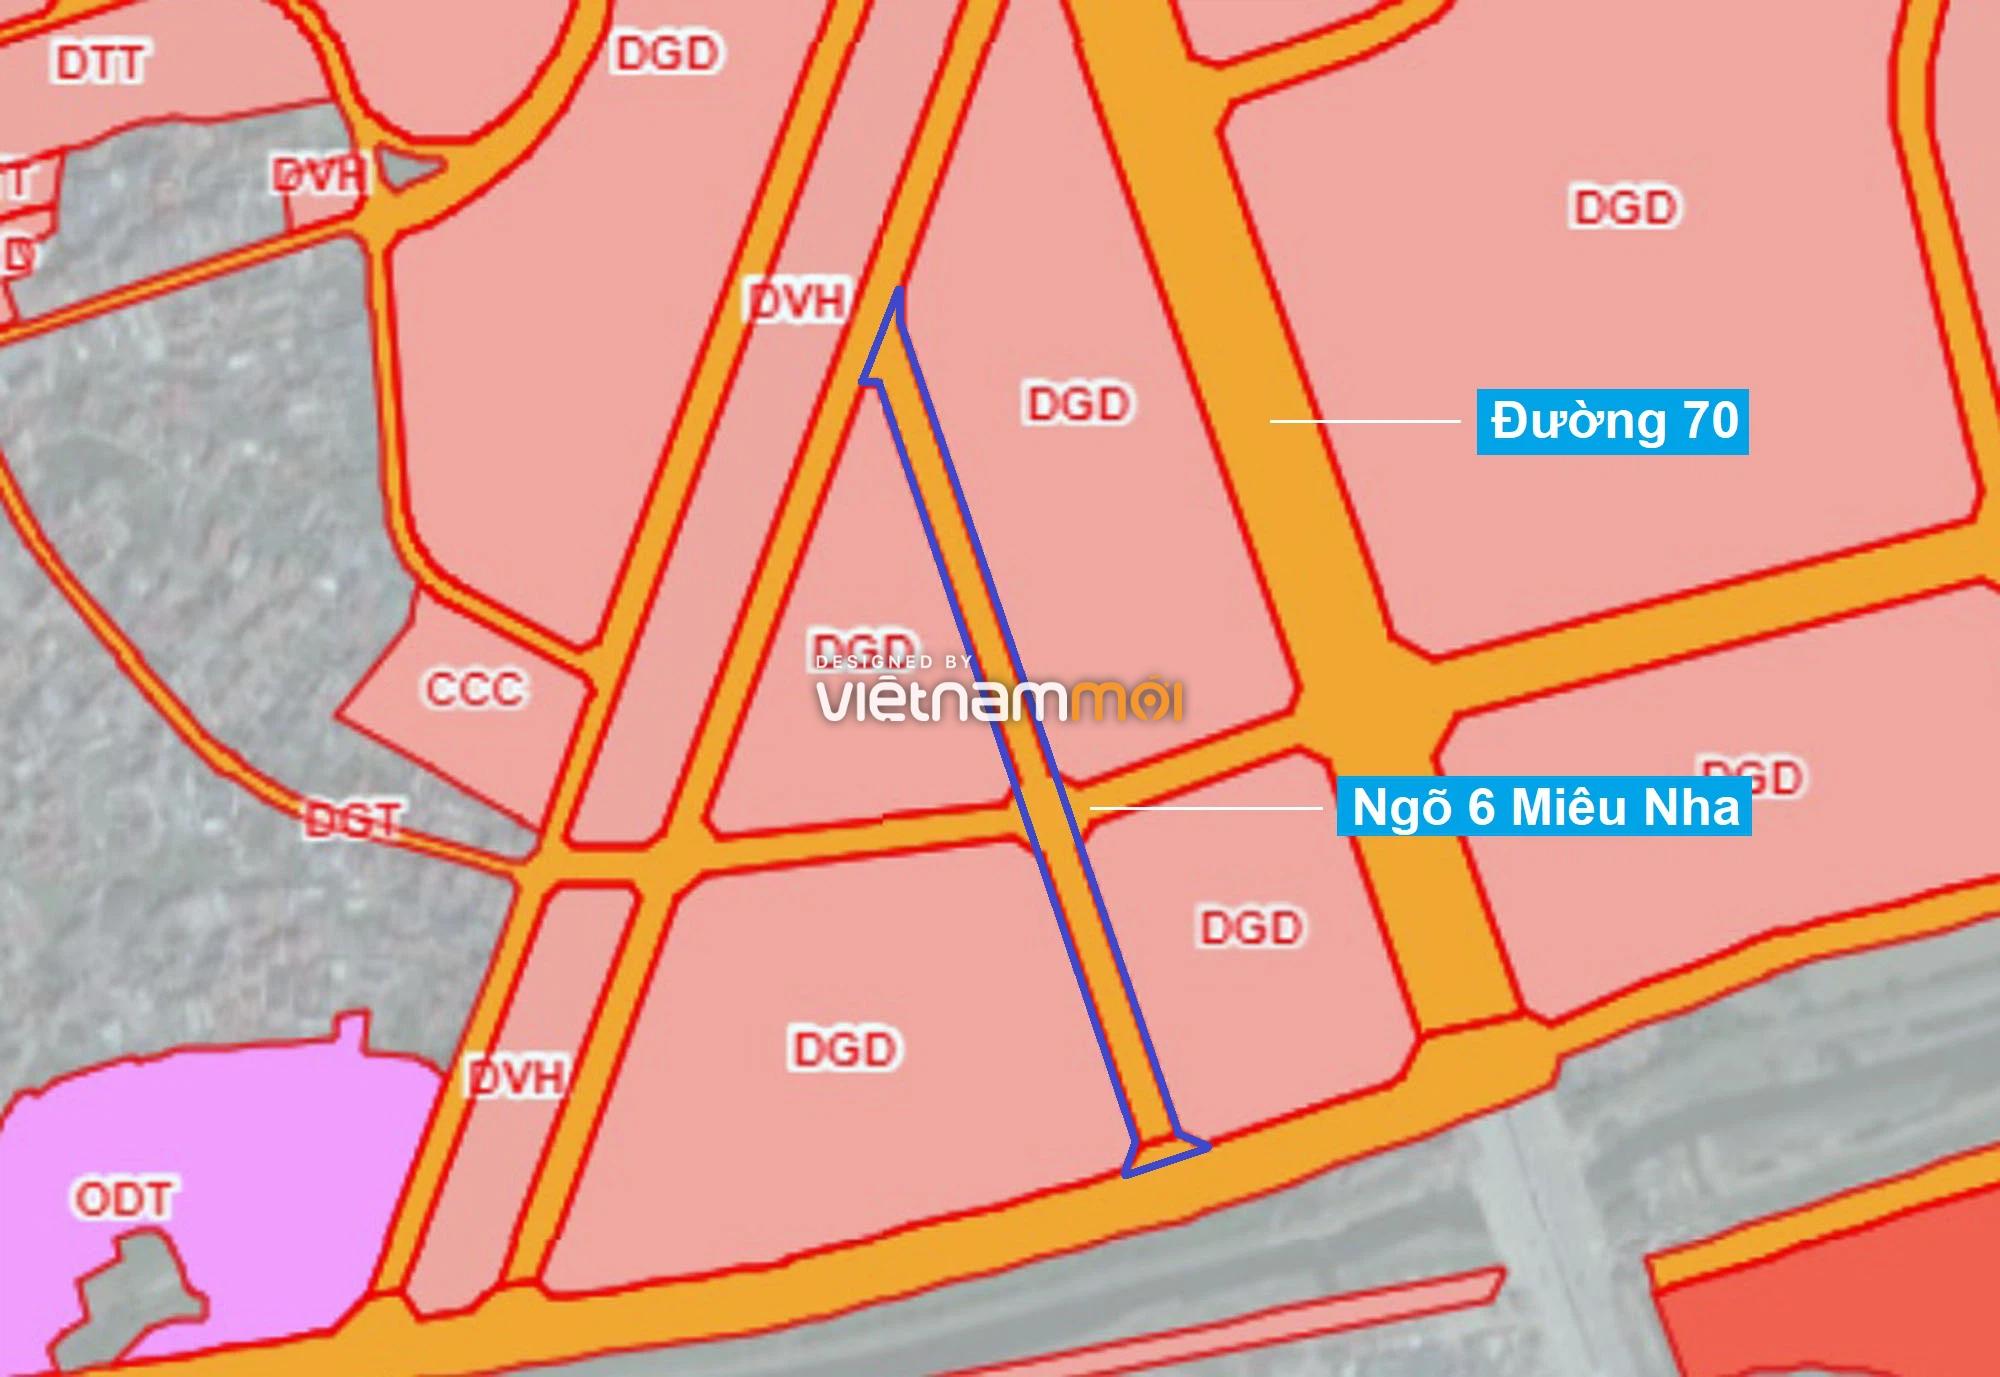 Những khu đất sắp thu hồi để mở đường ở phường Tây Mỗ, Nam Từ Liêm, Hà Nội (phần 4) - Ảnh 12.